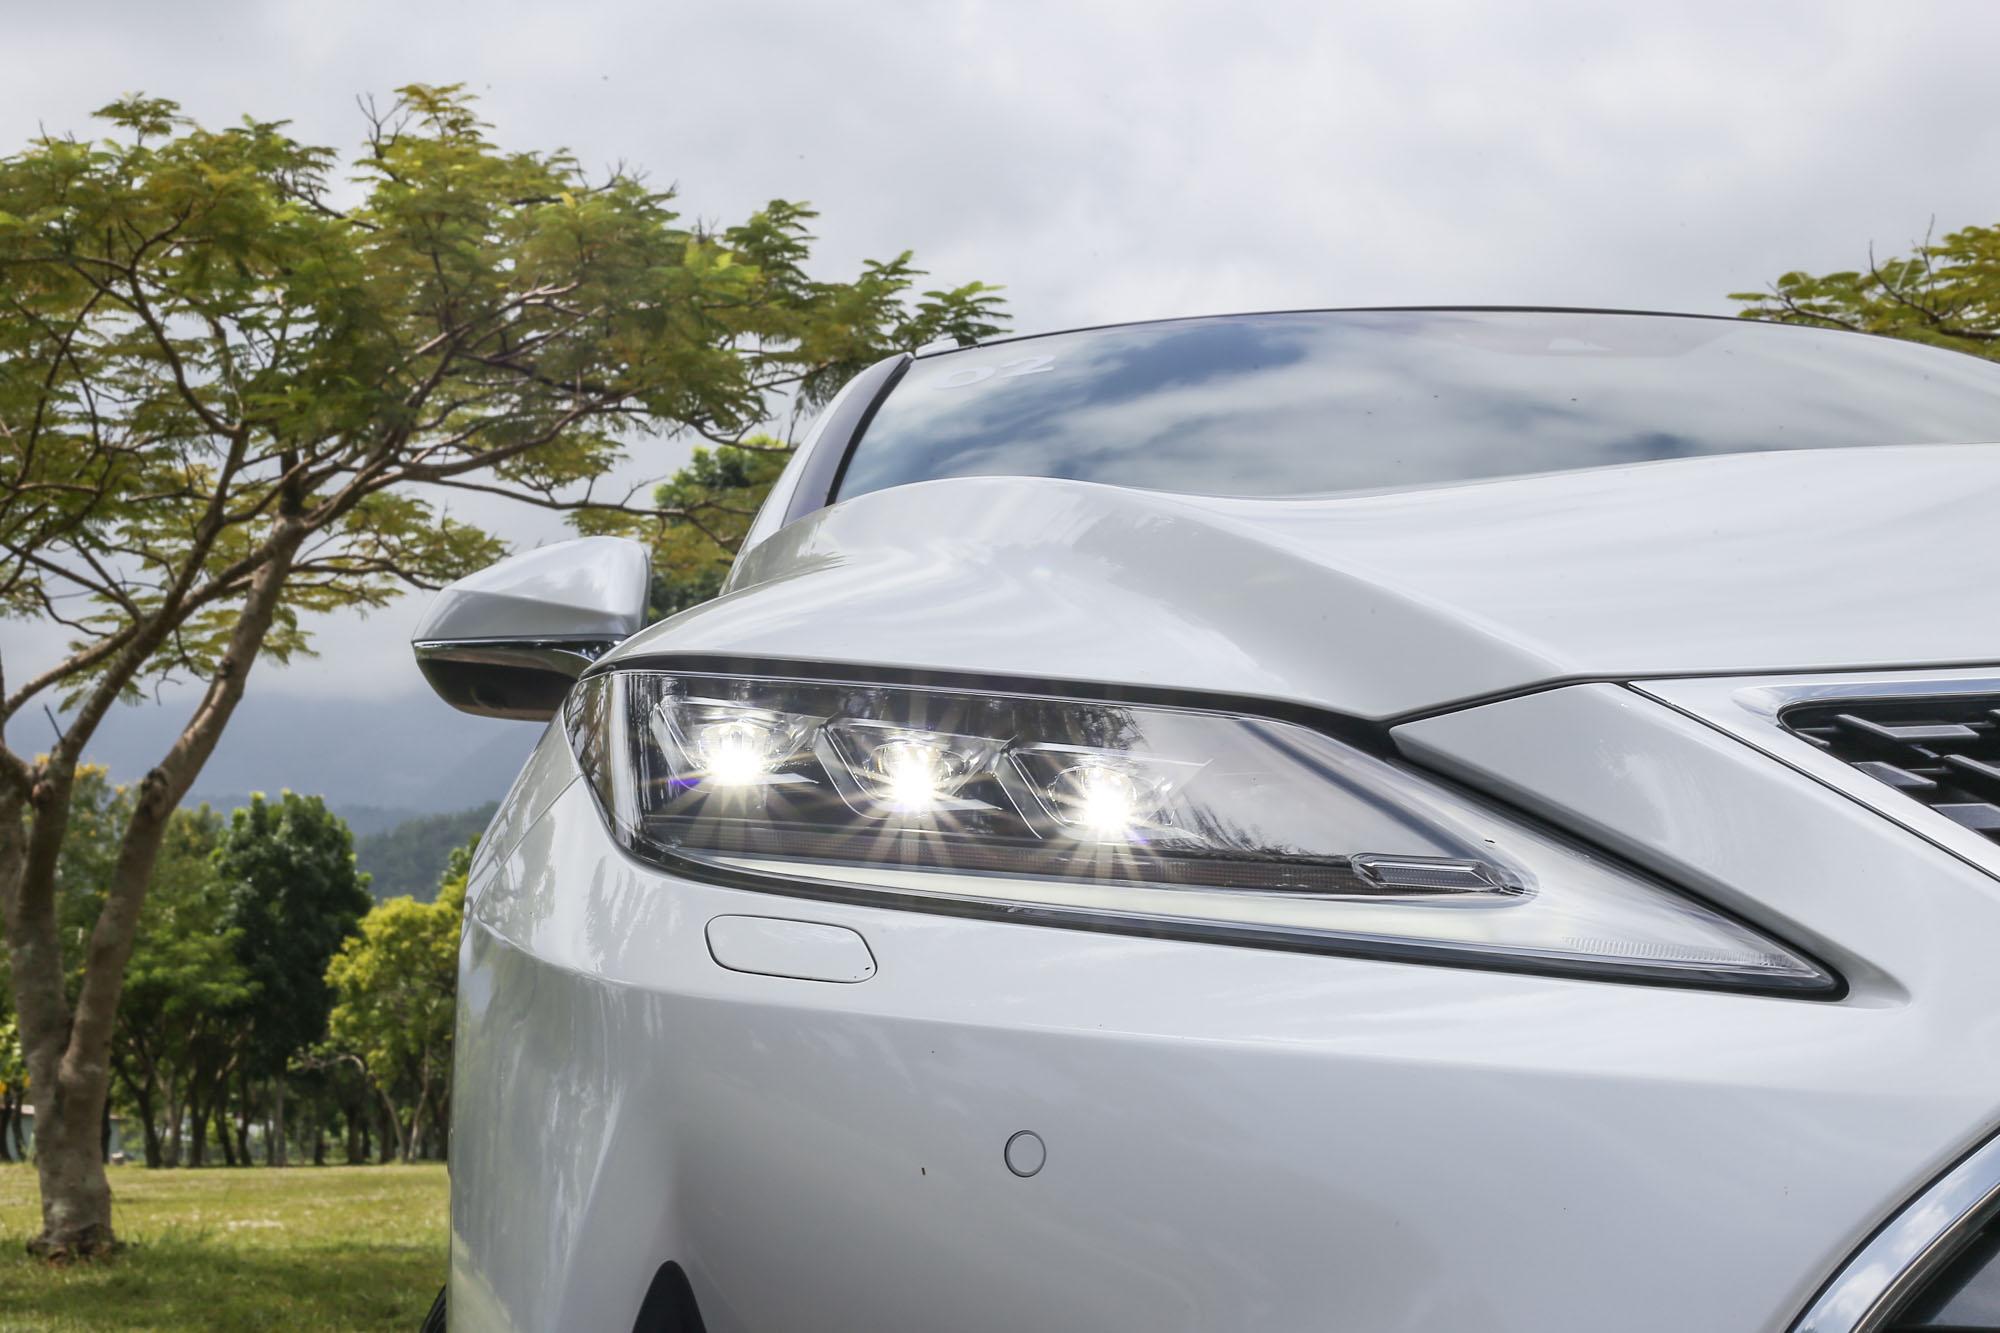 導入 BladeScan Type AHS 智慧型遠光燈自動遮蔽系統,把 LED 光源投射在 6000rpm 的高速旋轉鏡片葉片上來反射光源,同時透過以每 50 微秒為單位高速啓閉的 LED 光源,精準控制照射與遮蔽範圍,有效強化夜間照明與提升安全防護。